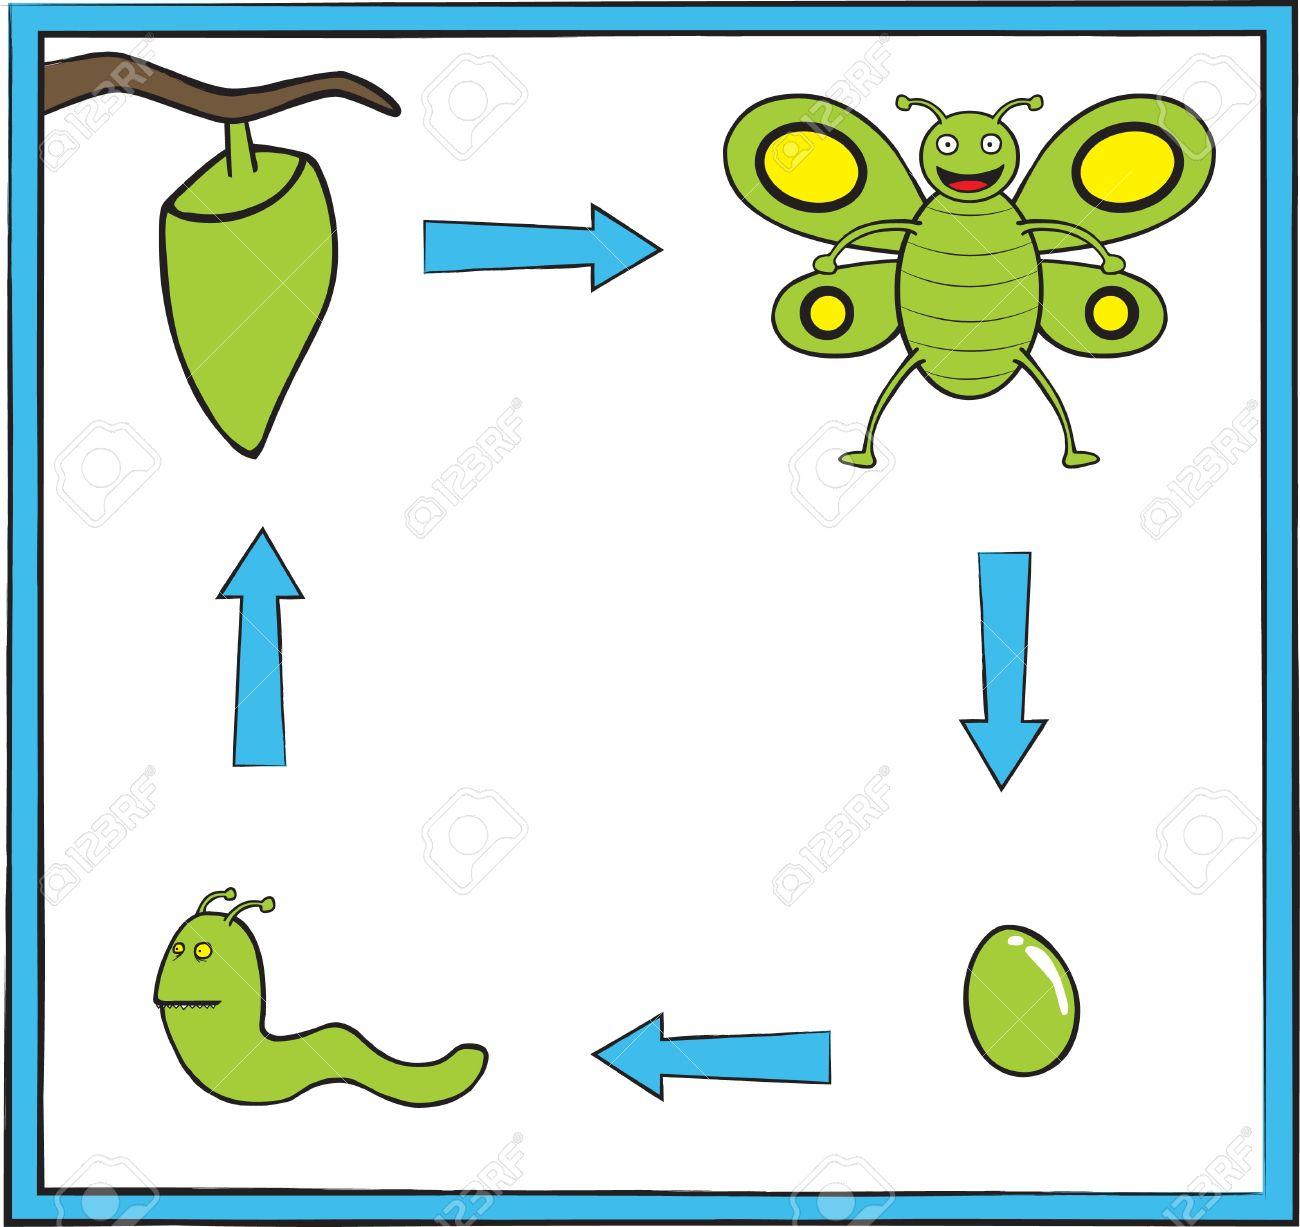 Représenter Le Cycle De Vie Du Papillon D'un Oeuf Dans Une Verte Mignonne  De Papillon pour Cycle De Vie D Une Chenille